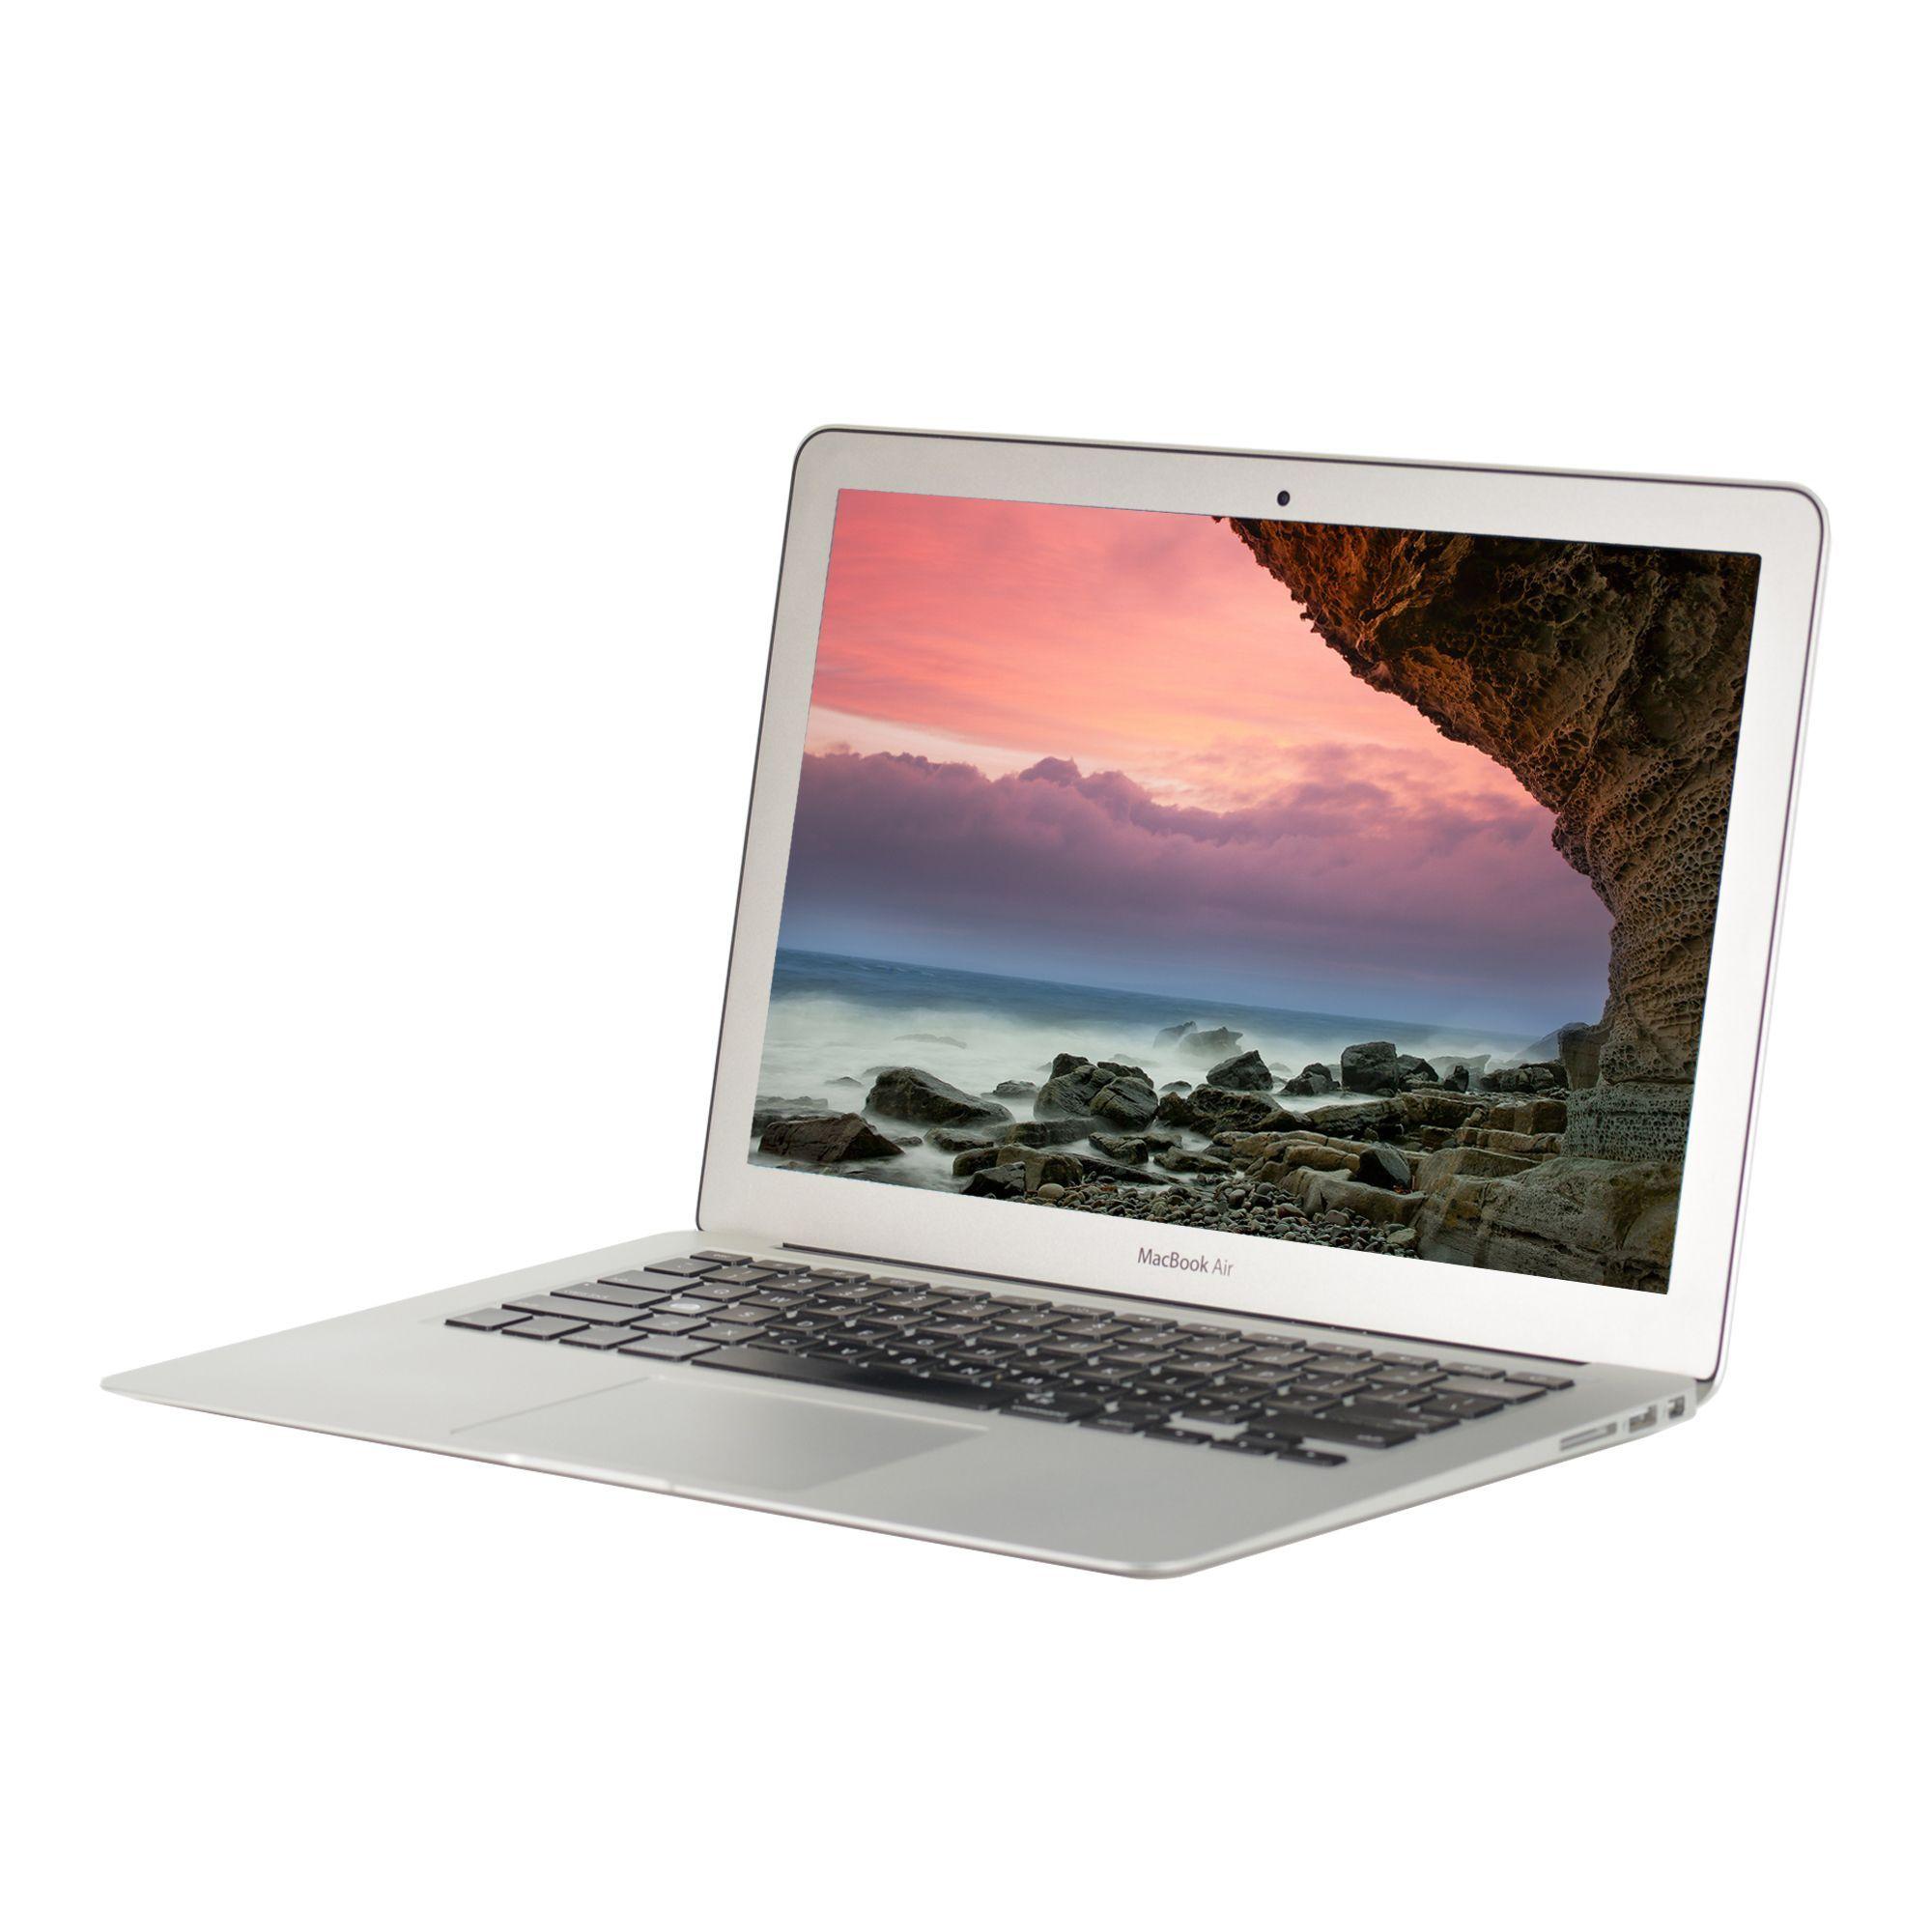 Review - Apple MacBook Air MQD32HN/A 13.3-inch Laptop 2017